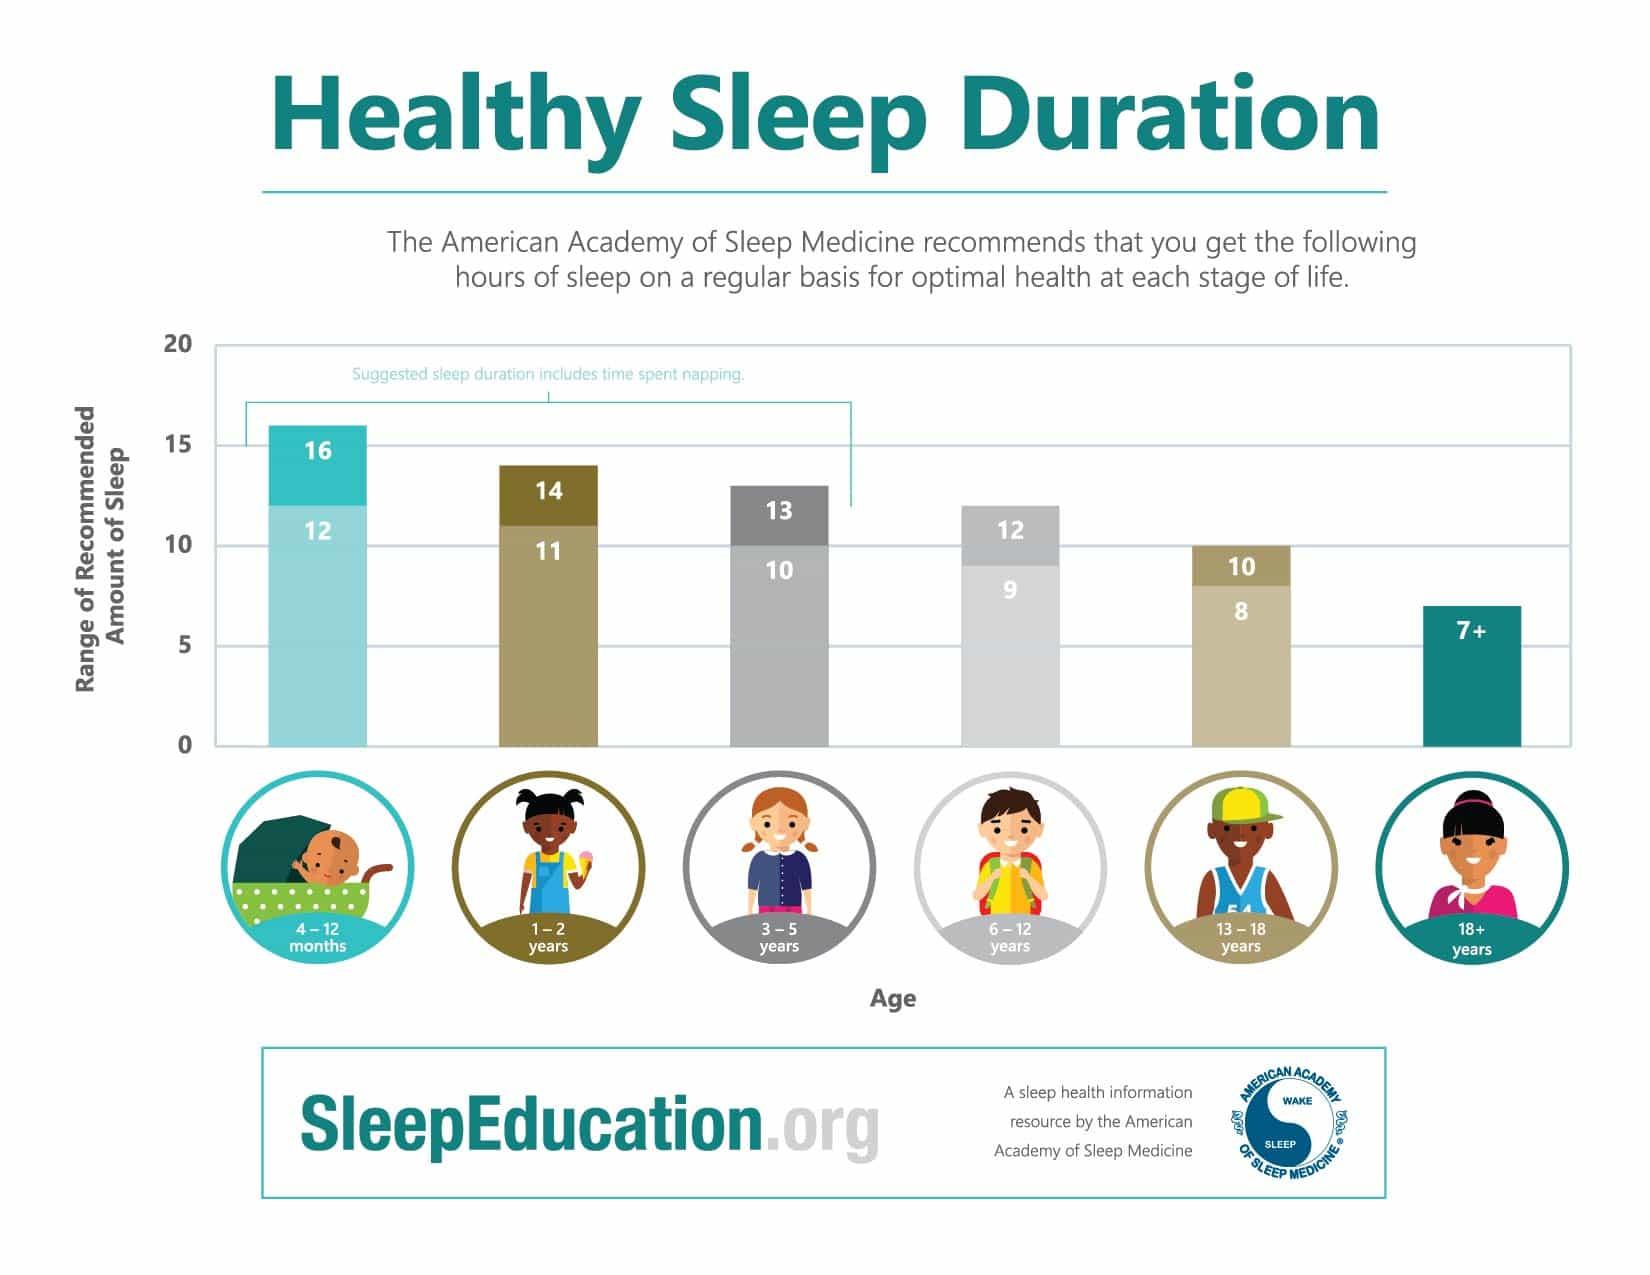 Healthy Sleep Durations